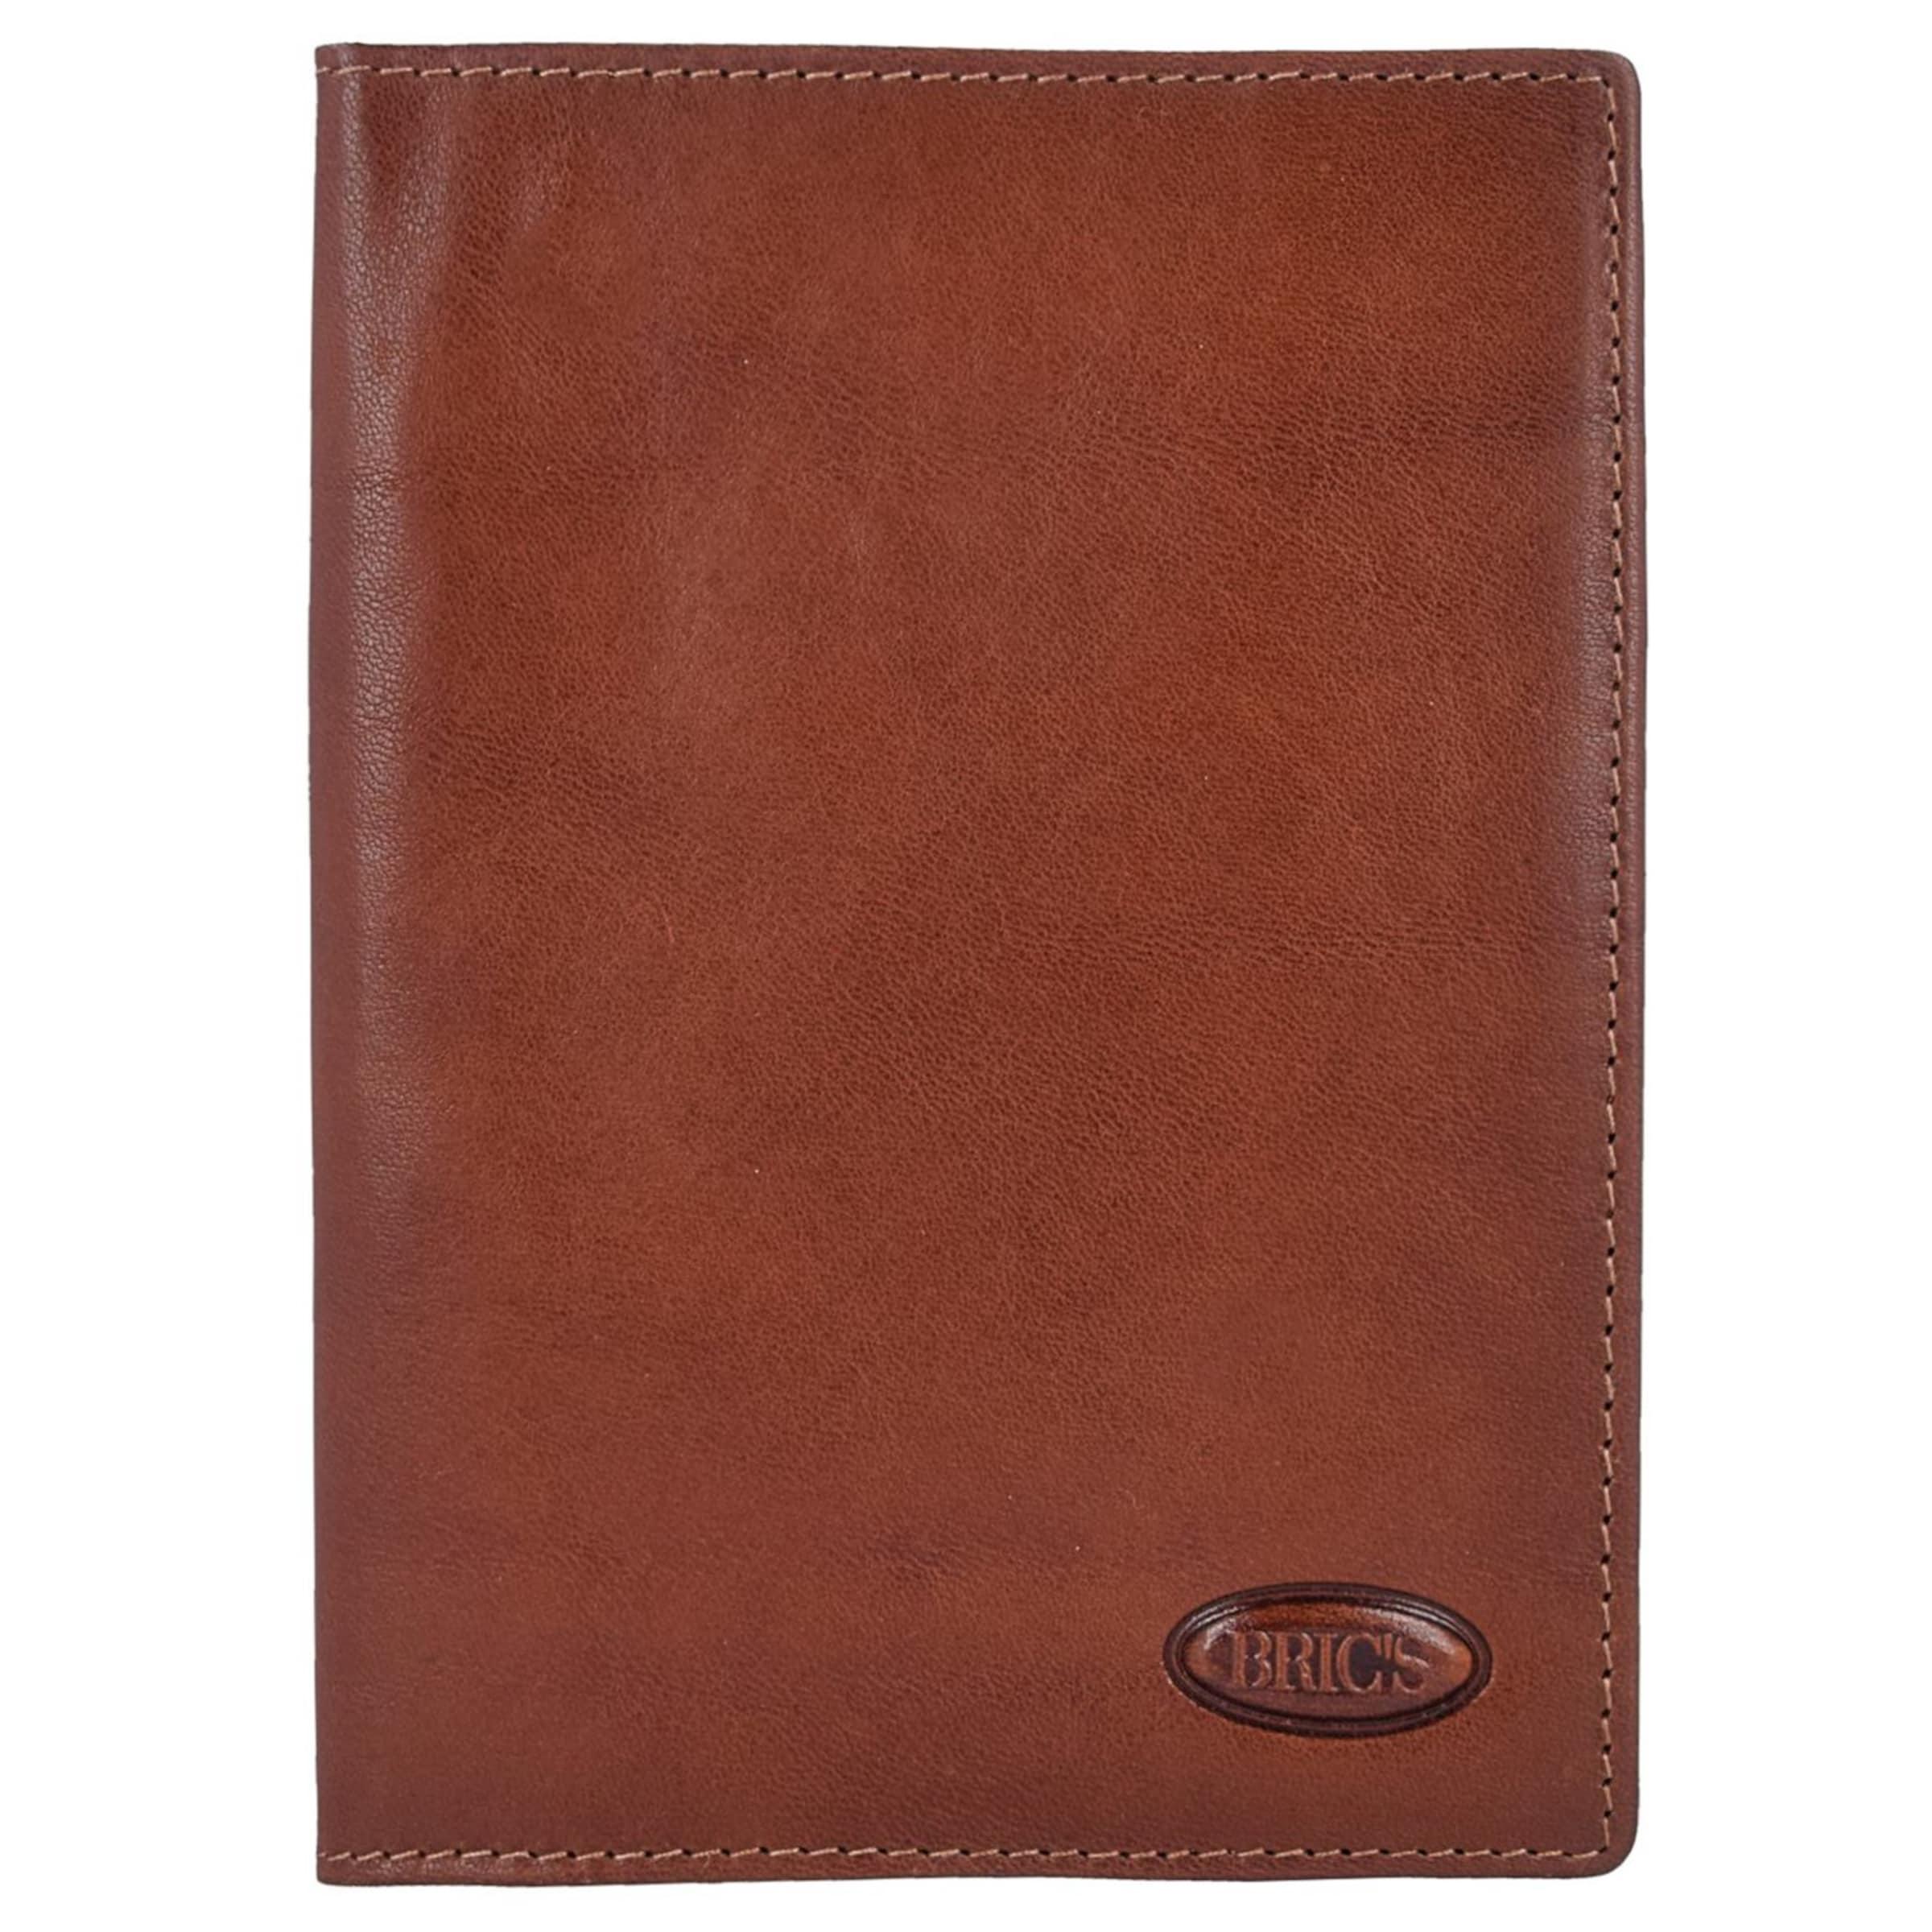 Bric's Monte Rosa Geldbörse RFID Leder 10 cm Beste Günstig Online Sammlungen FCnPJ9kI